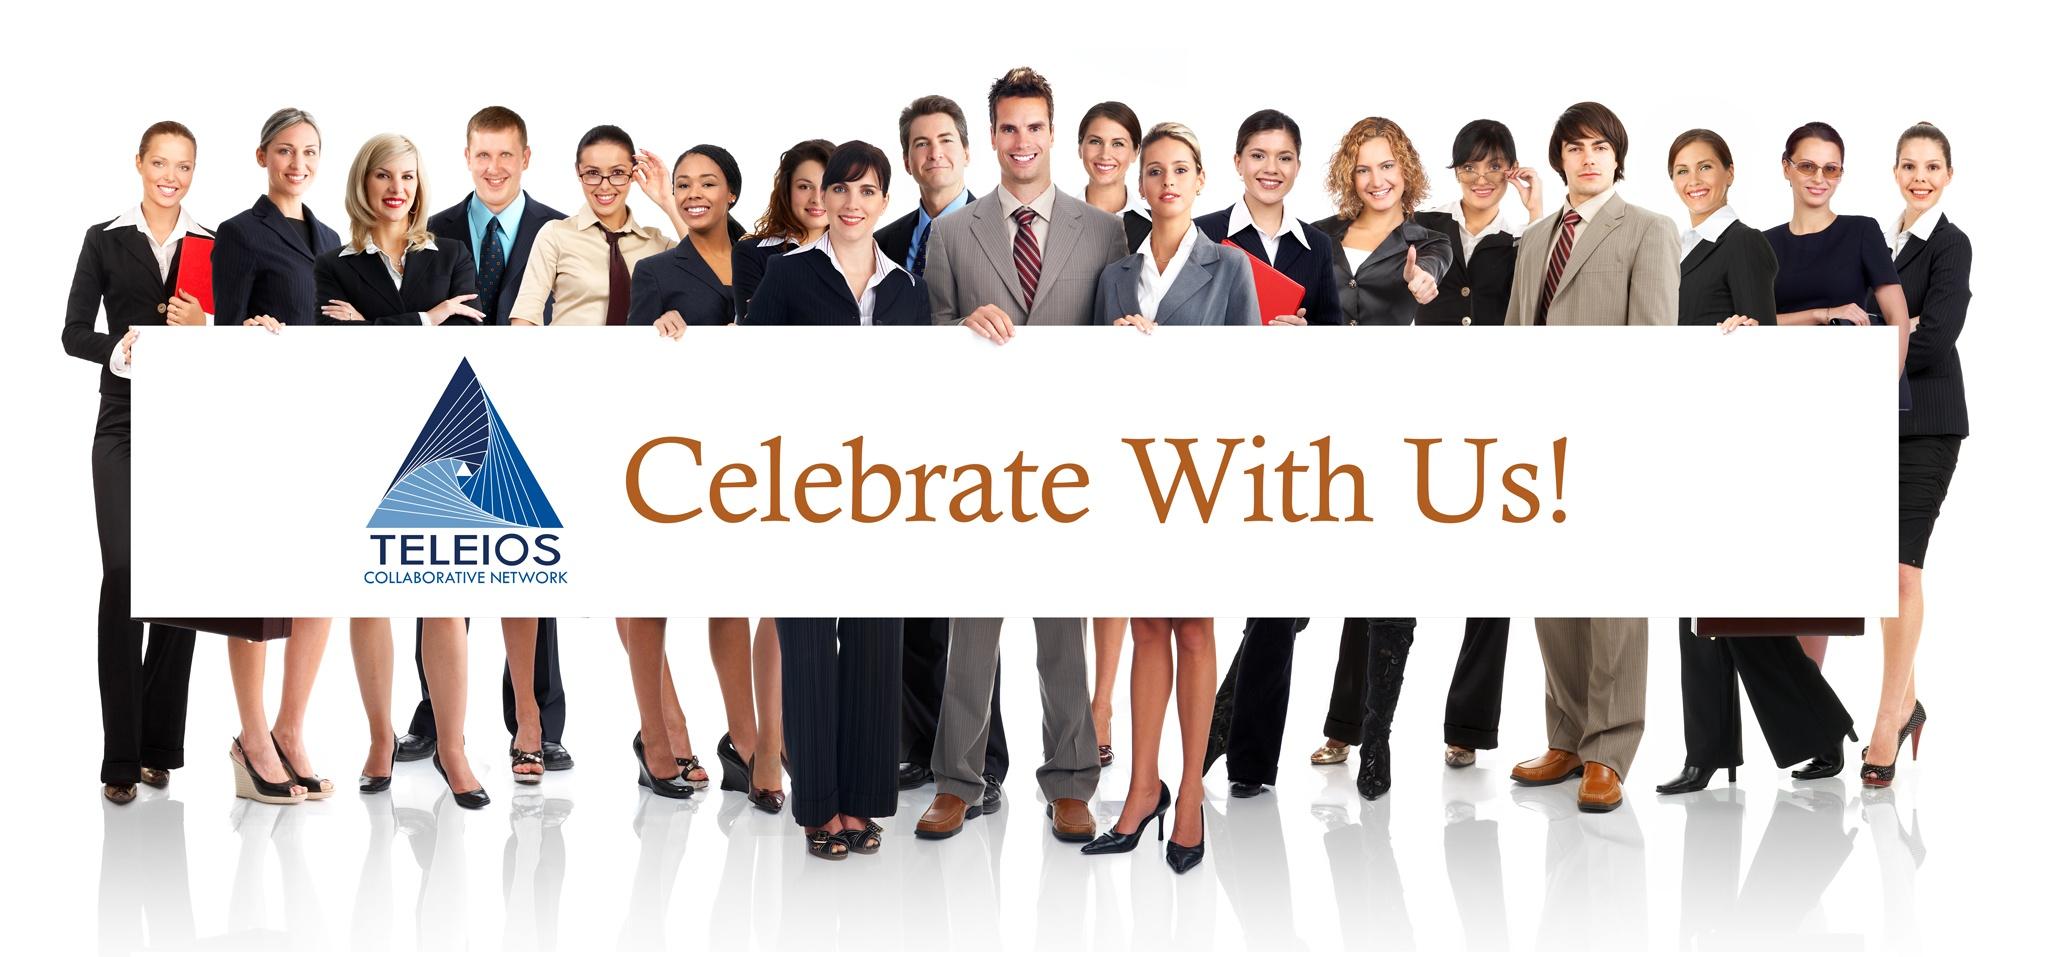 celebratewithus-1